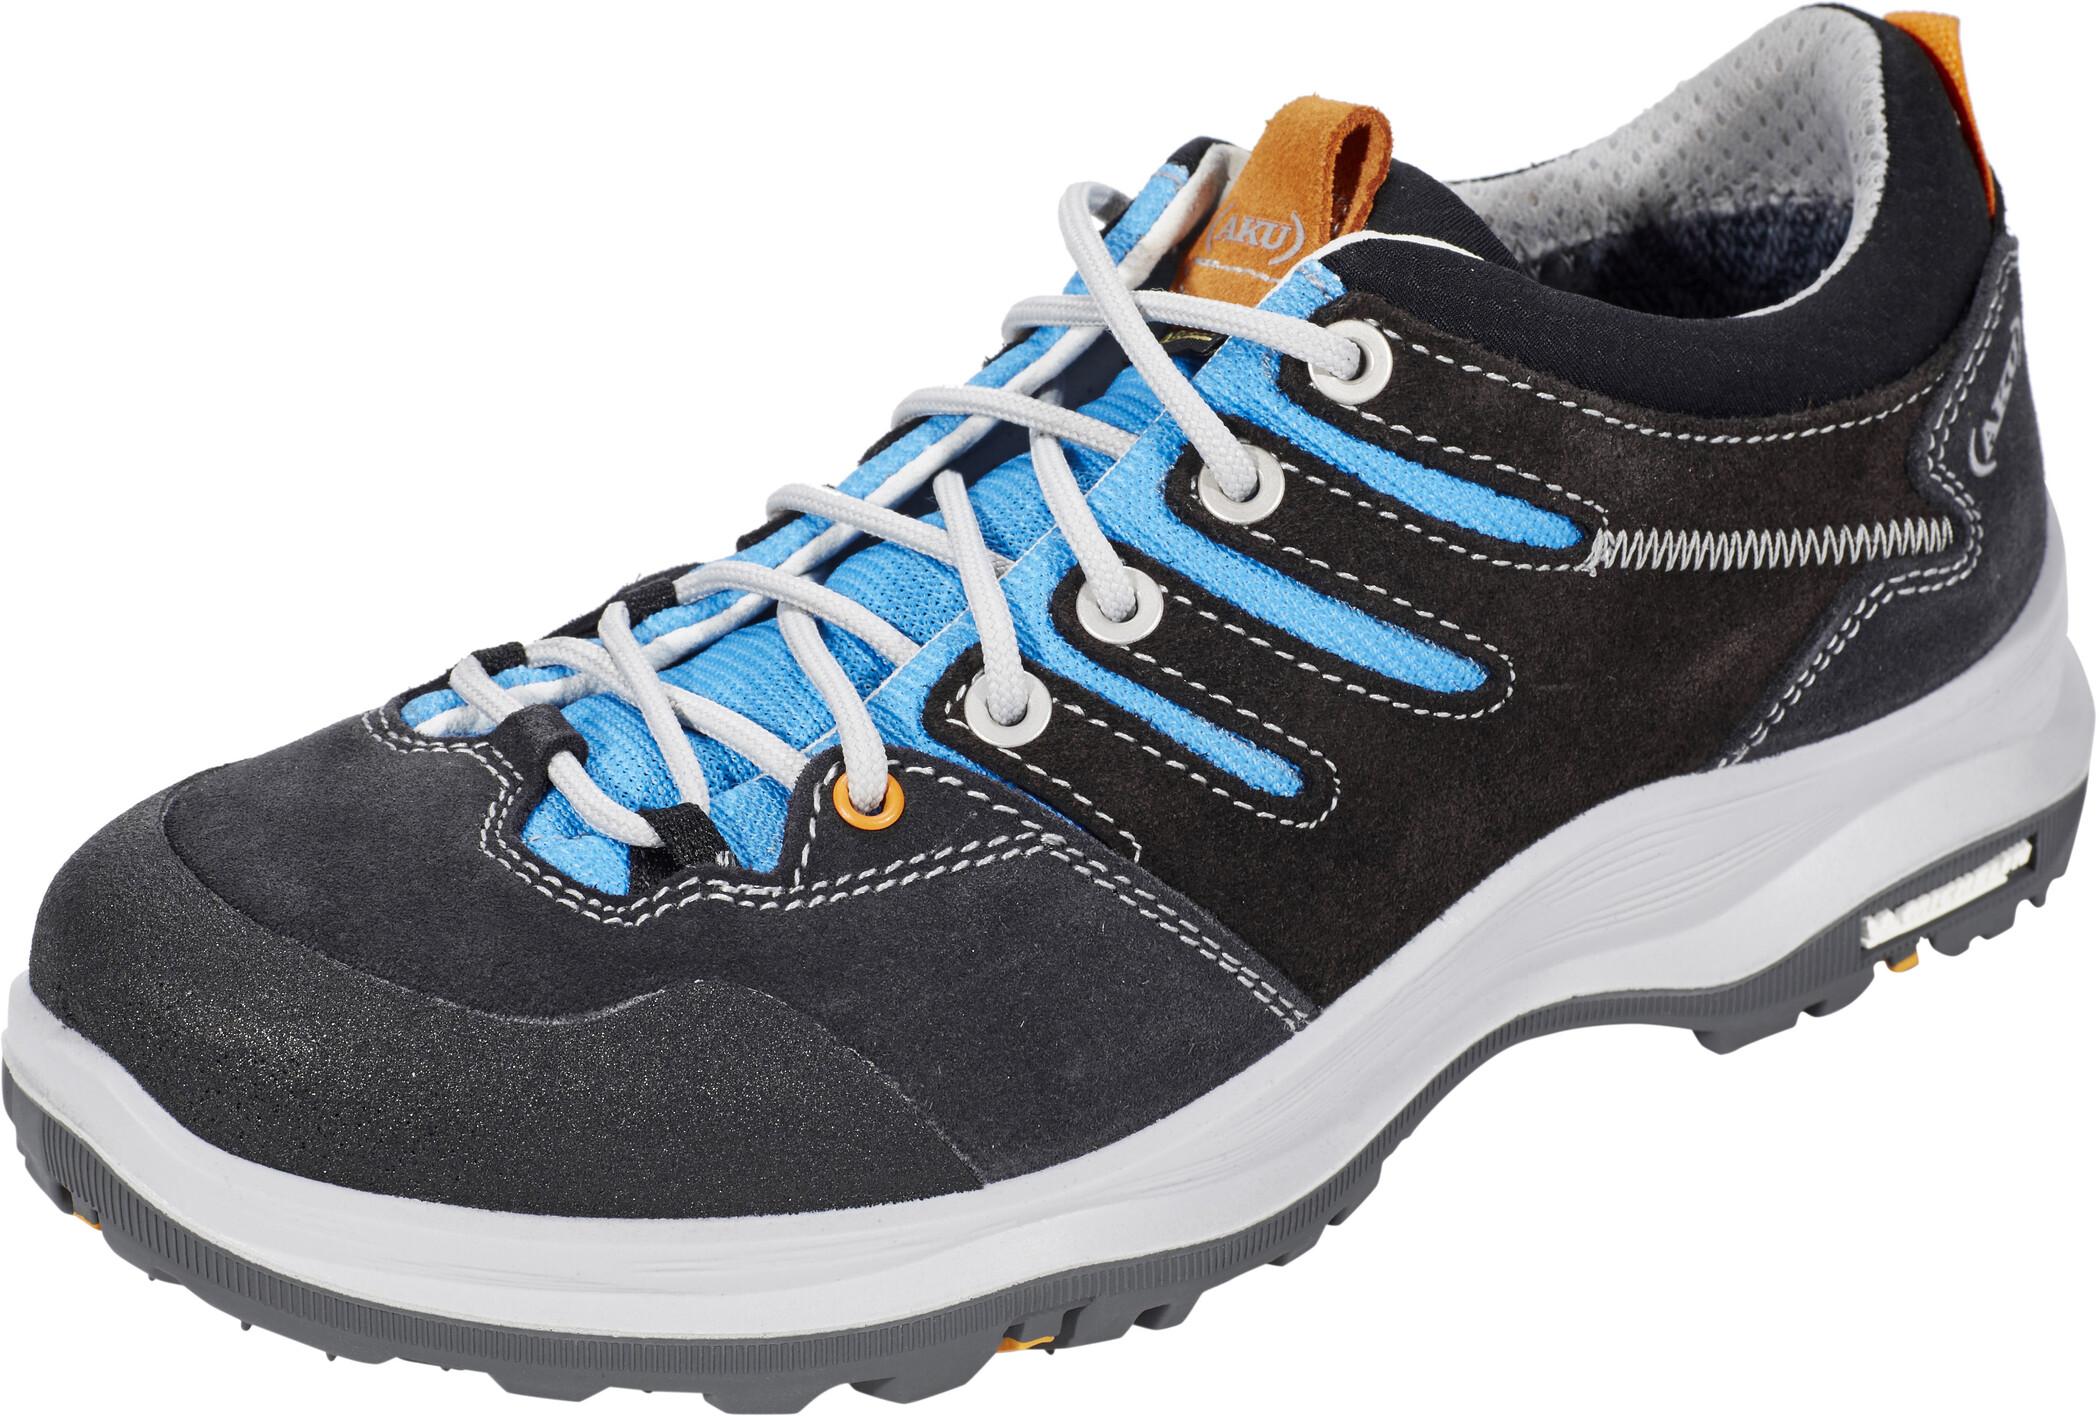 Vans Damen Sneakers Gr 36 Kaufen Chip Camden Deluxe